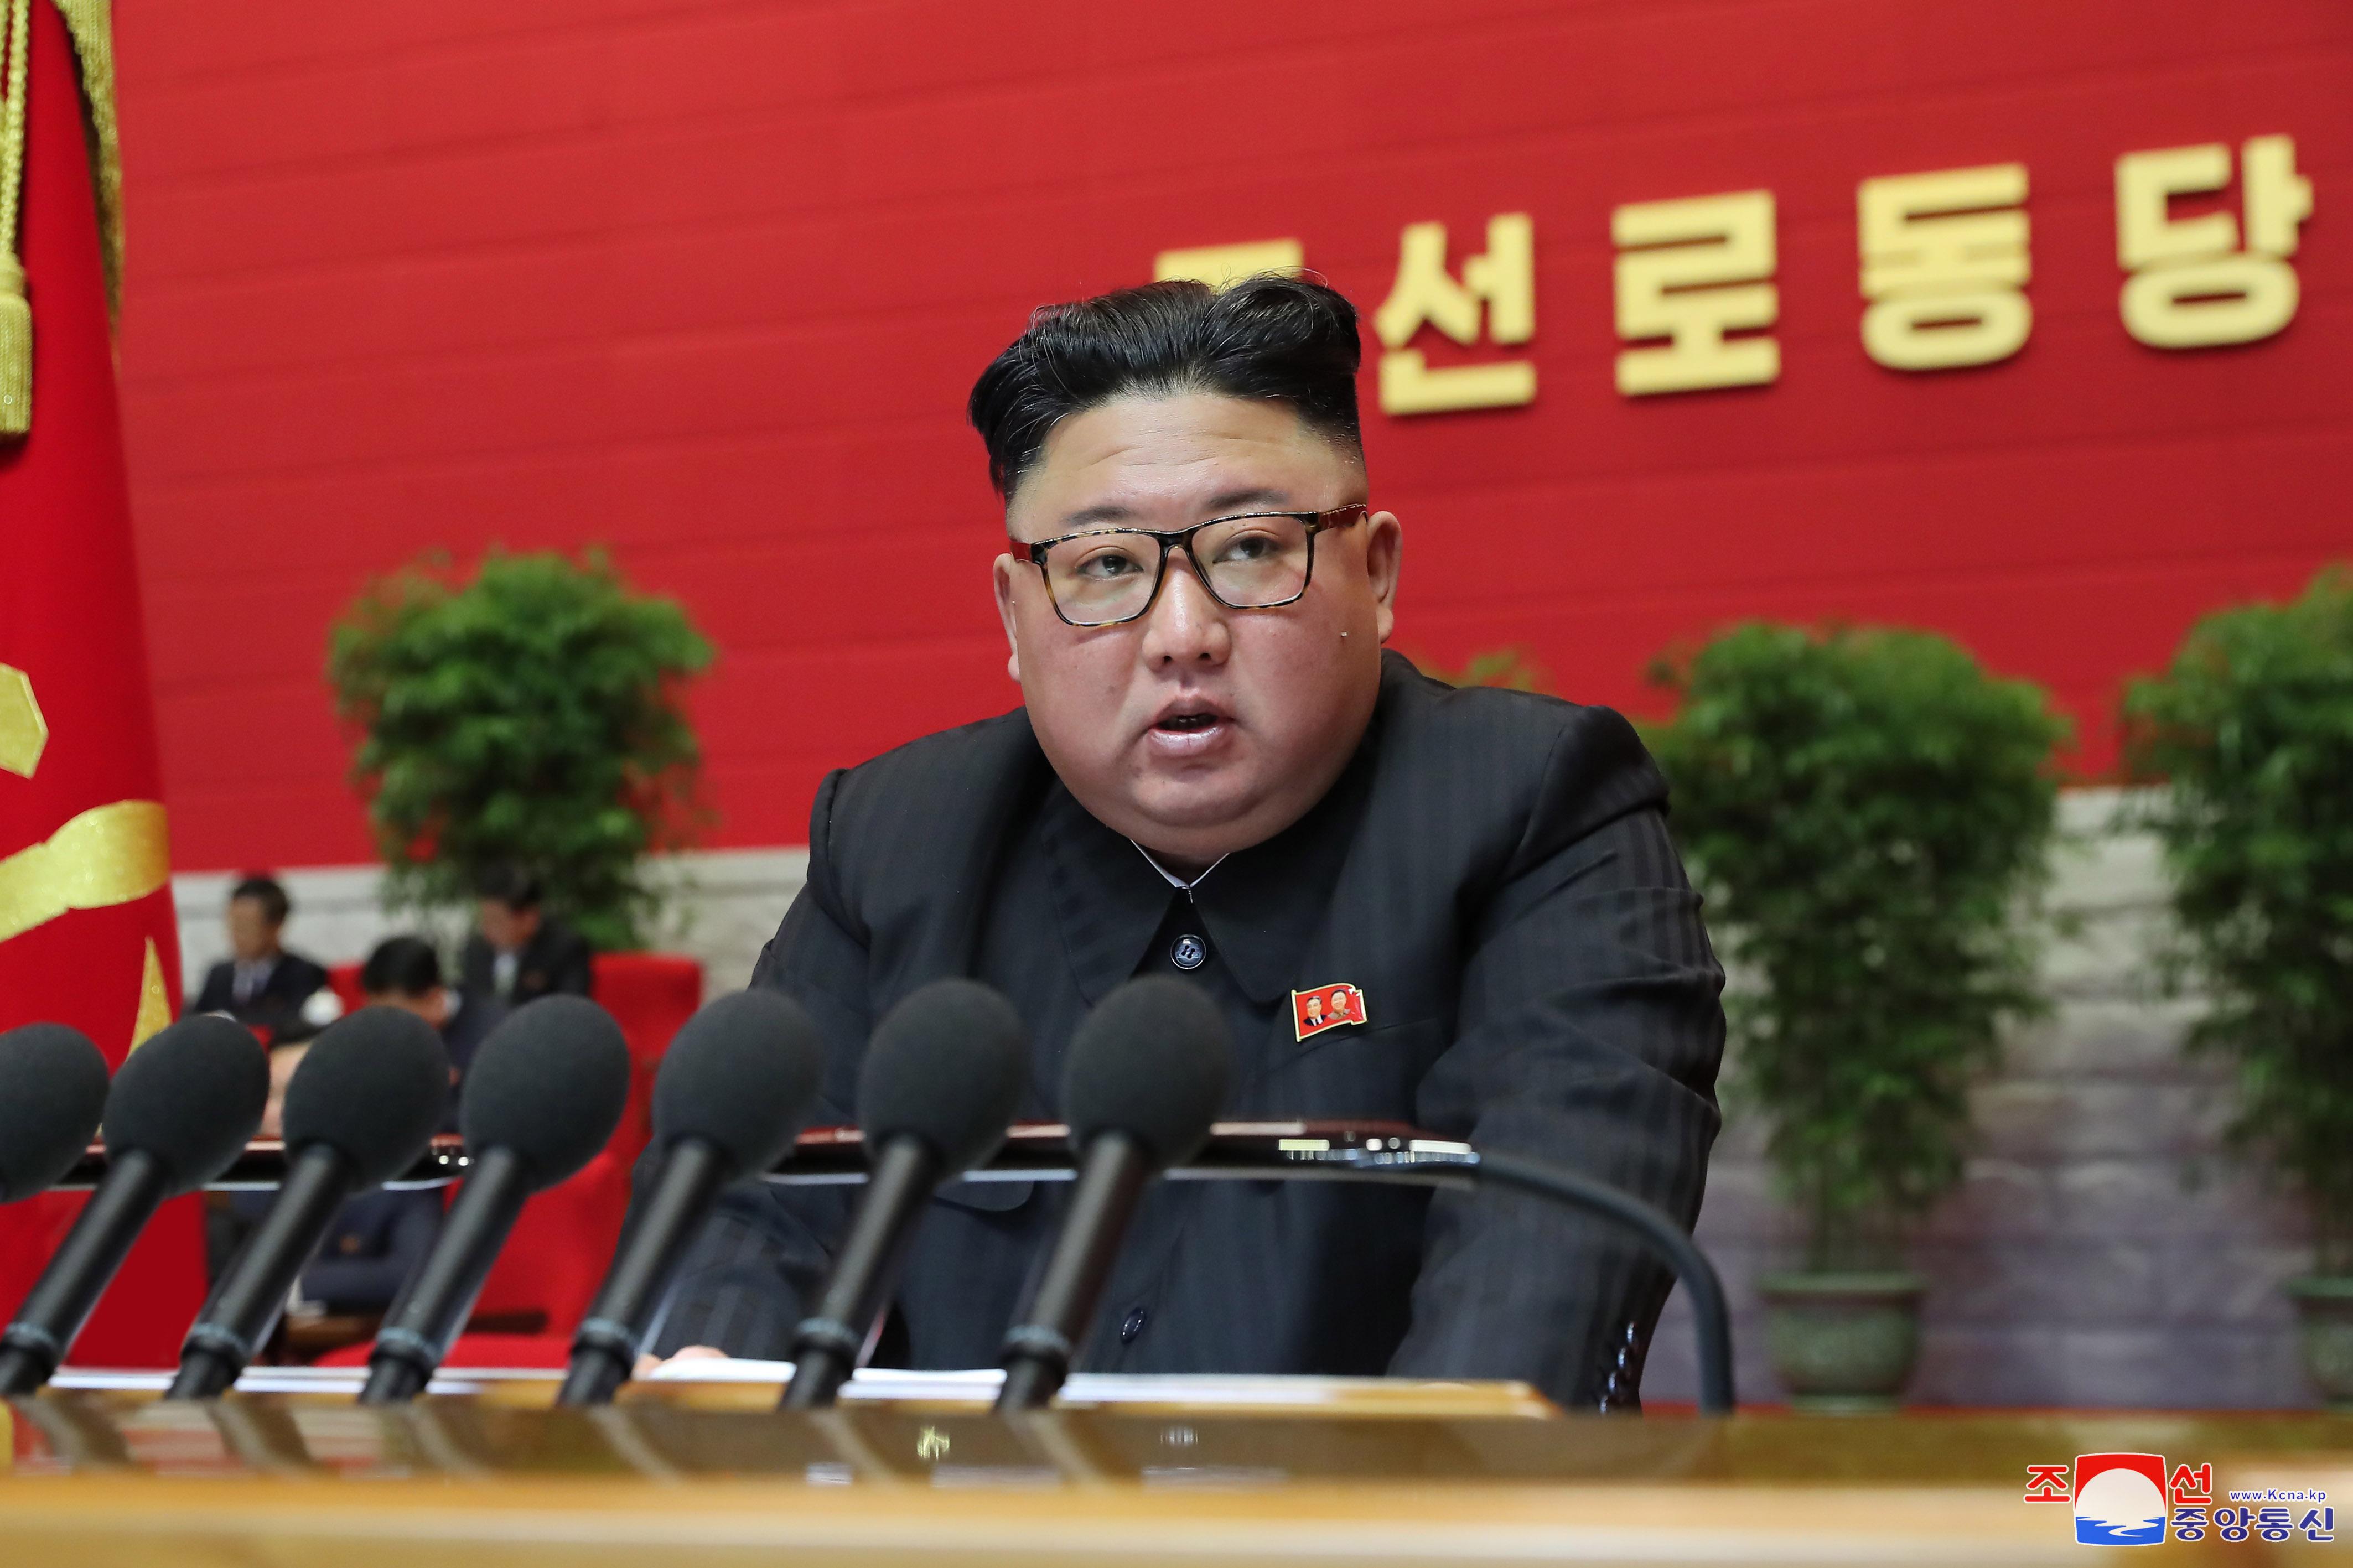 【藤井树】_朝鲜劳动党八大释放多重信号:对美示强以促谈判